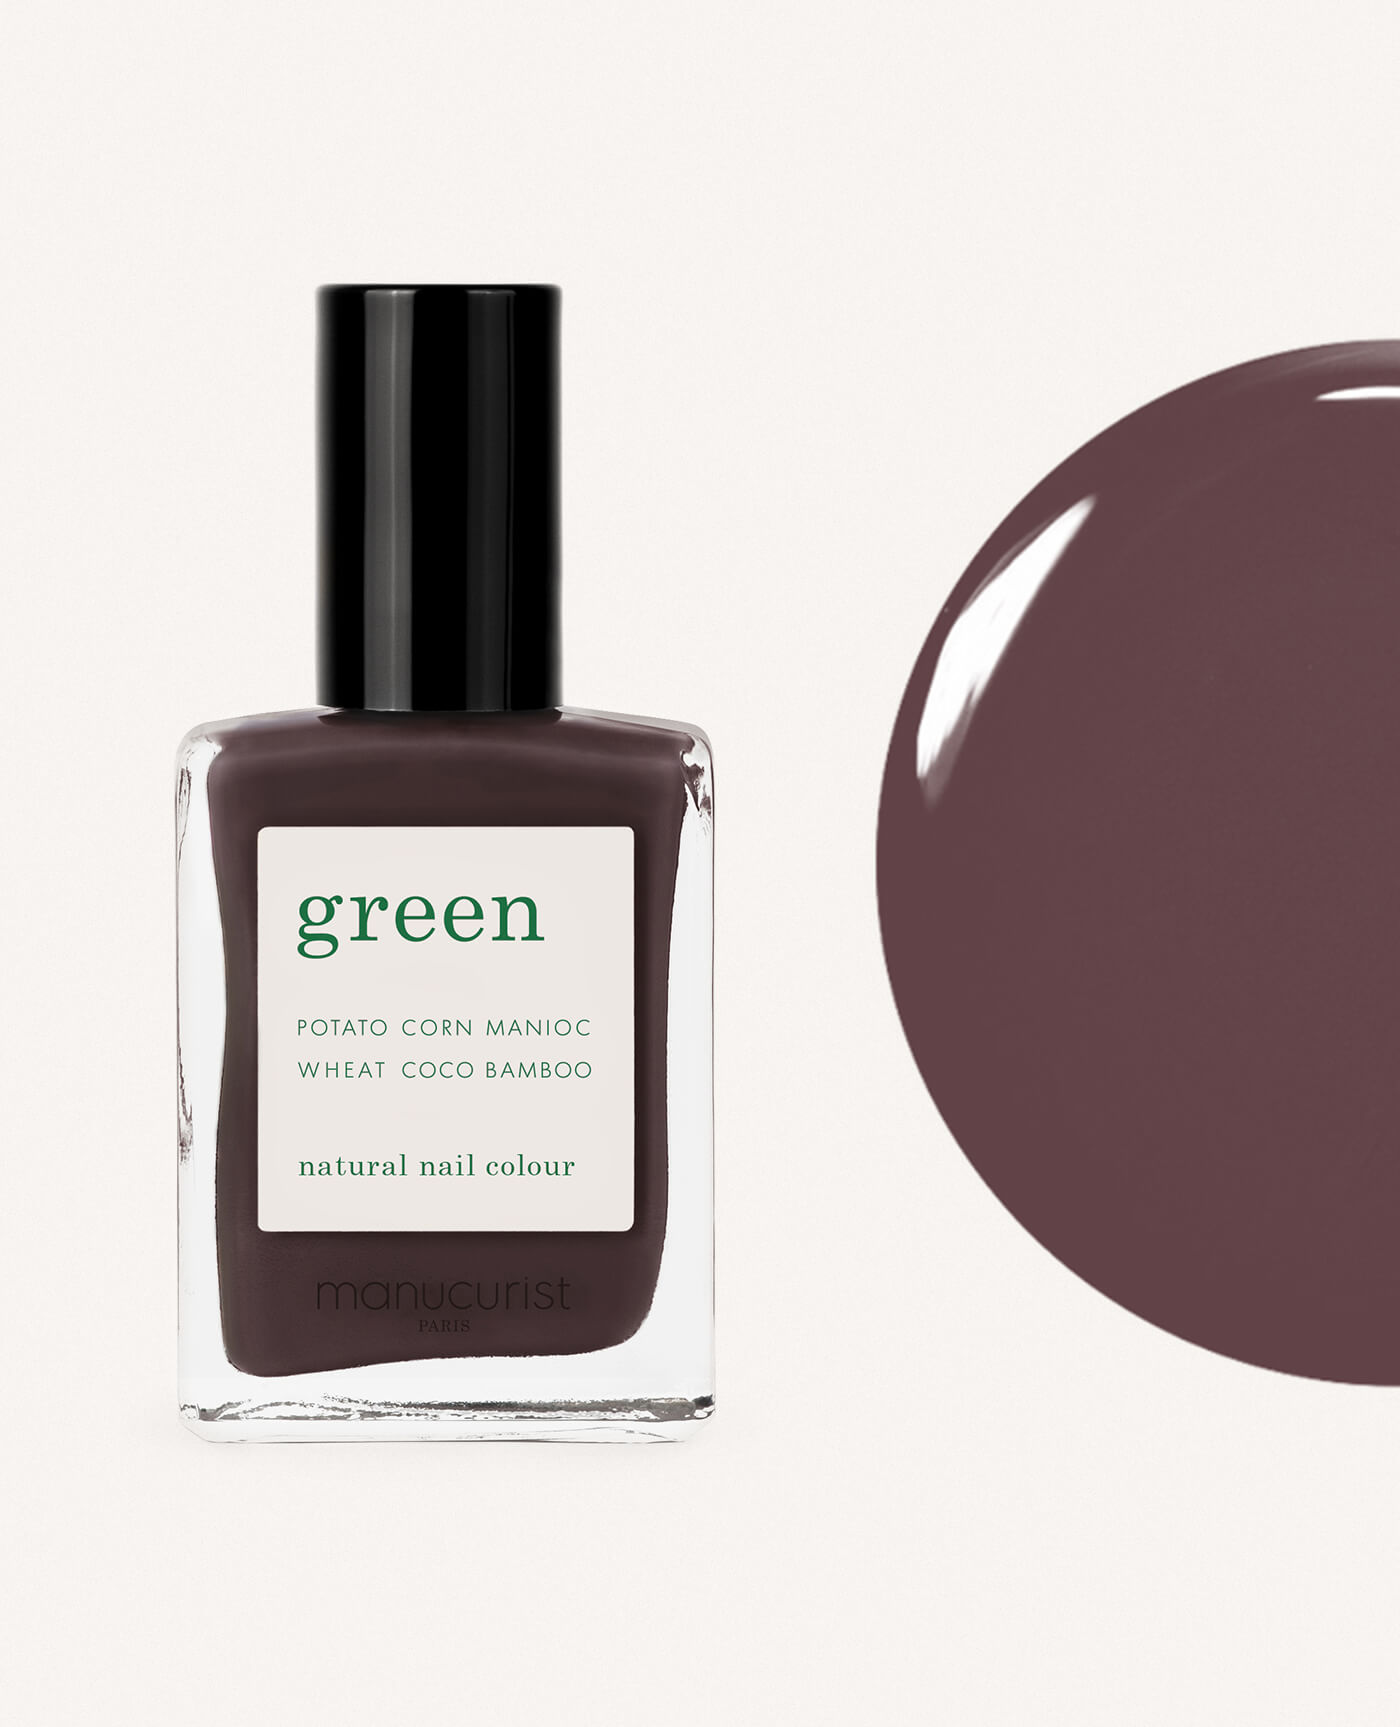 vernis à ongles bio green de la marque Manucurist made in france de couleur rouge tourmaline